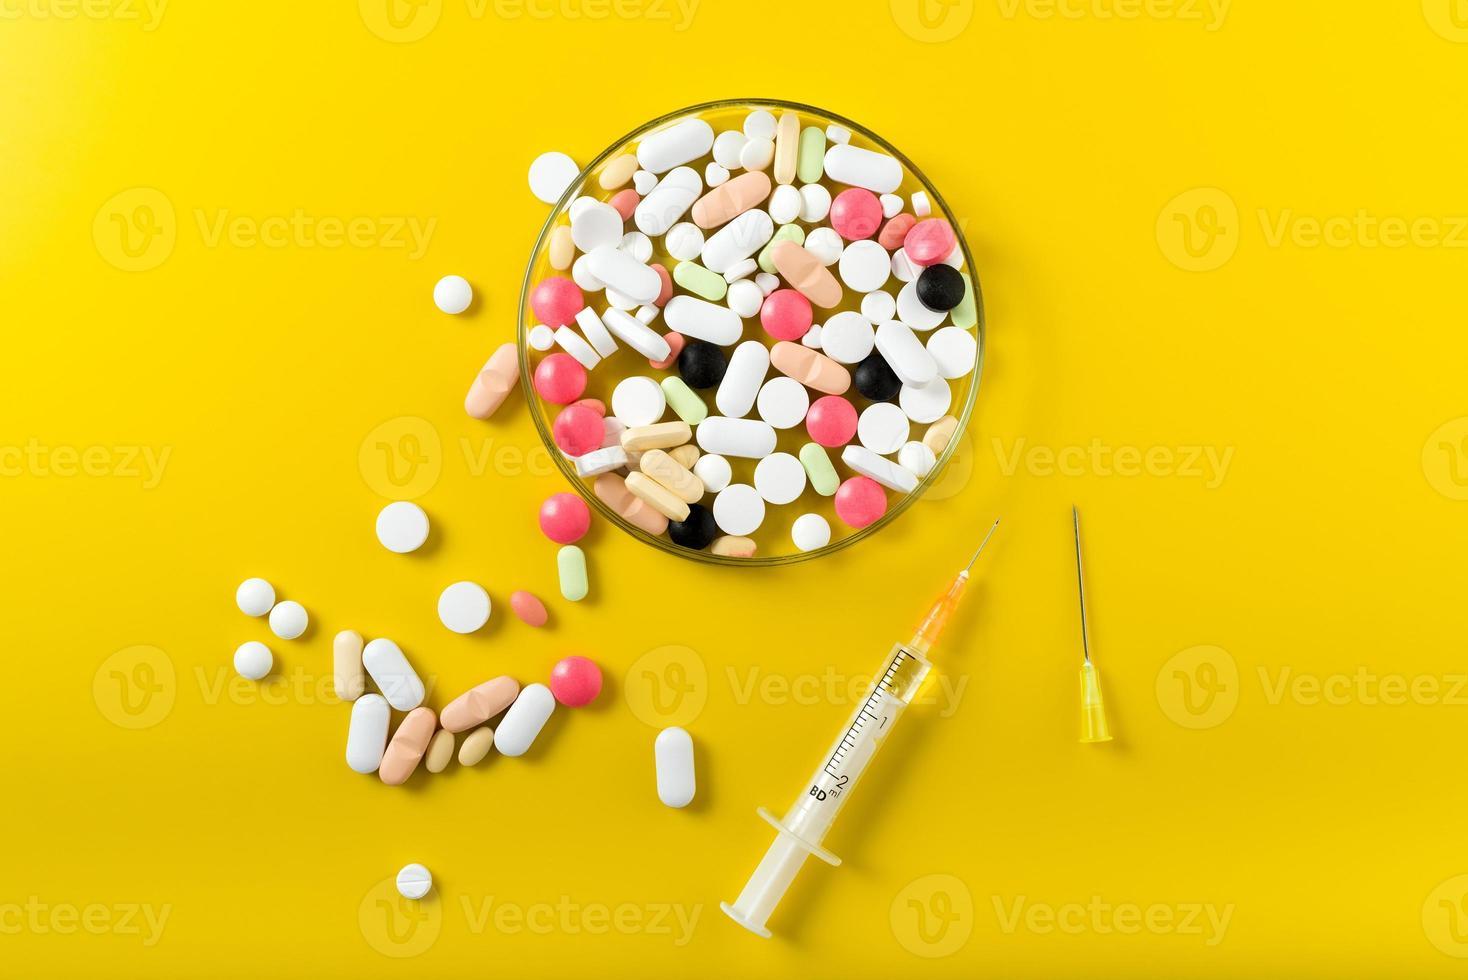 spuit en kleurrijke pil en capsules op achtergrond foto